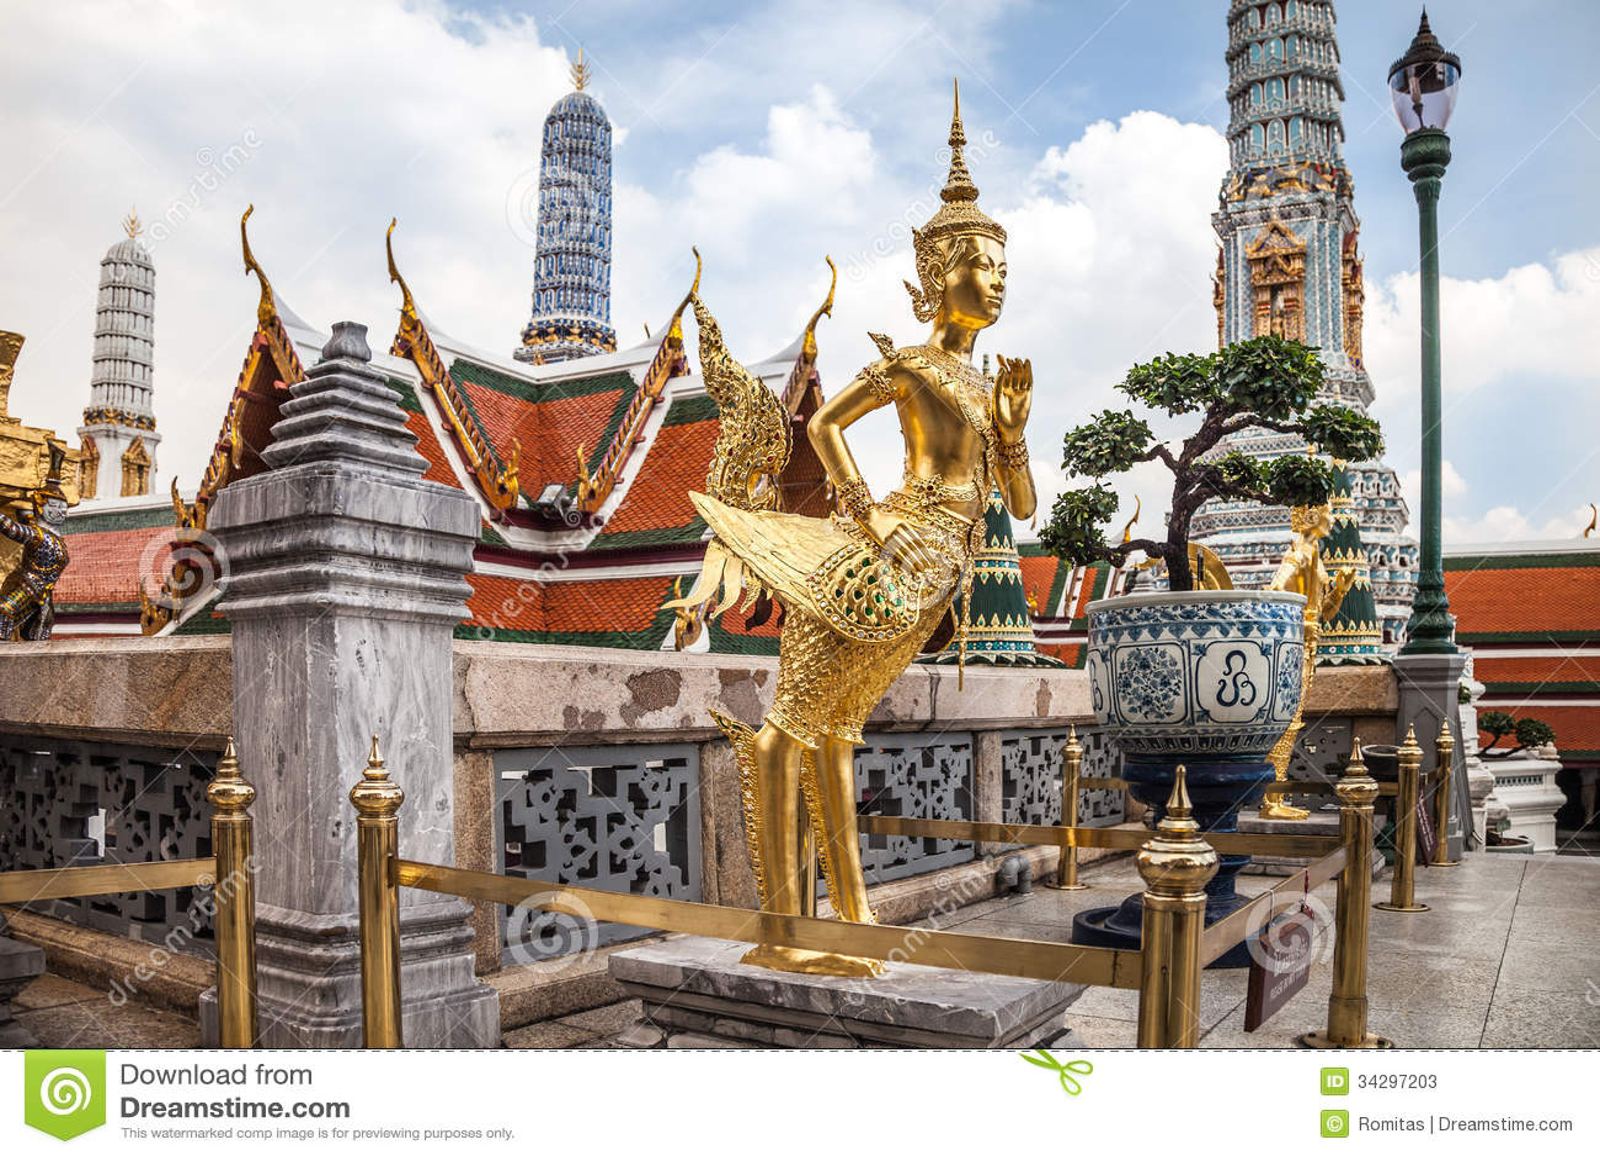 Golden Kinnara Statue At Grand Palace In Bangkok Stock ...